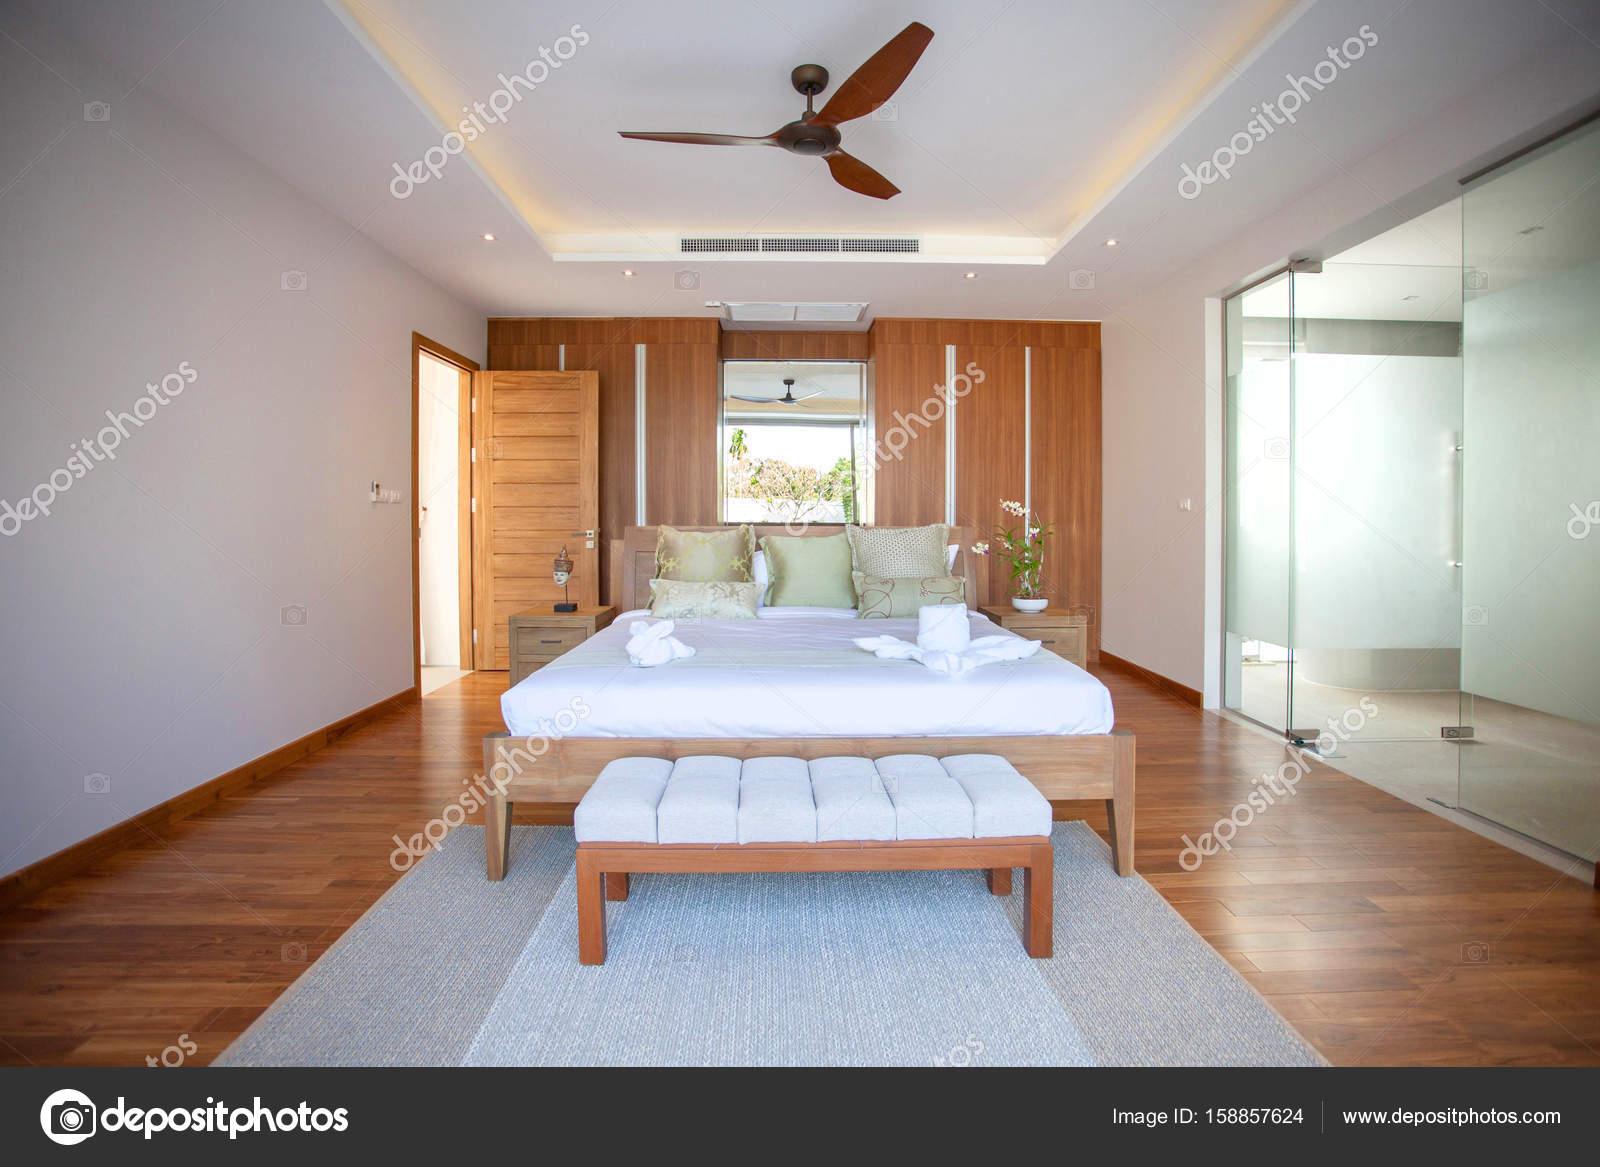 Luxus Interieur Design Im Schlafzimmer Pool Villa Mit Gemütlichen Kingsize  Bett. Schlafzimmer Mit